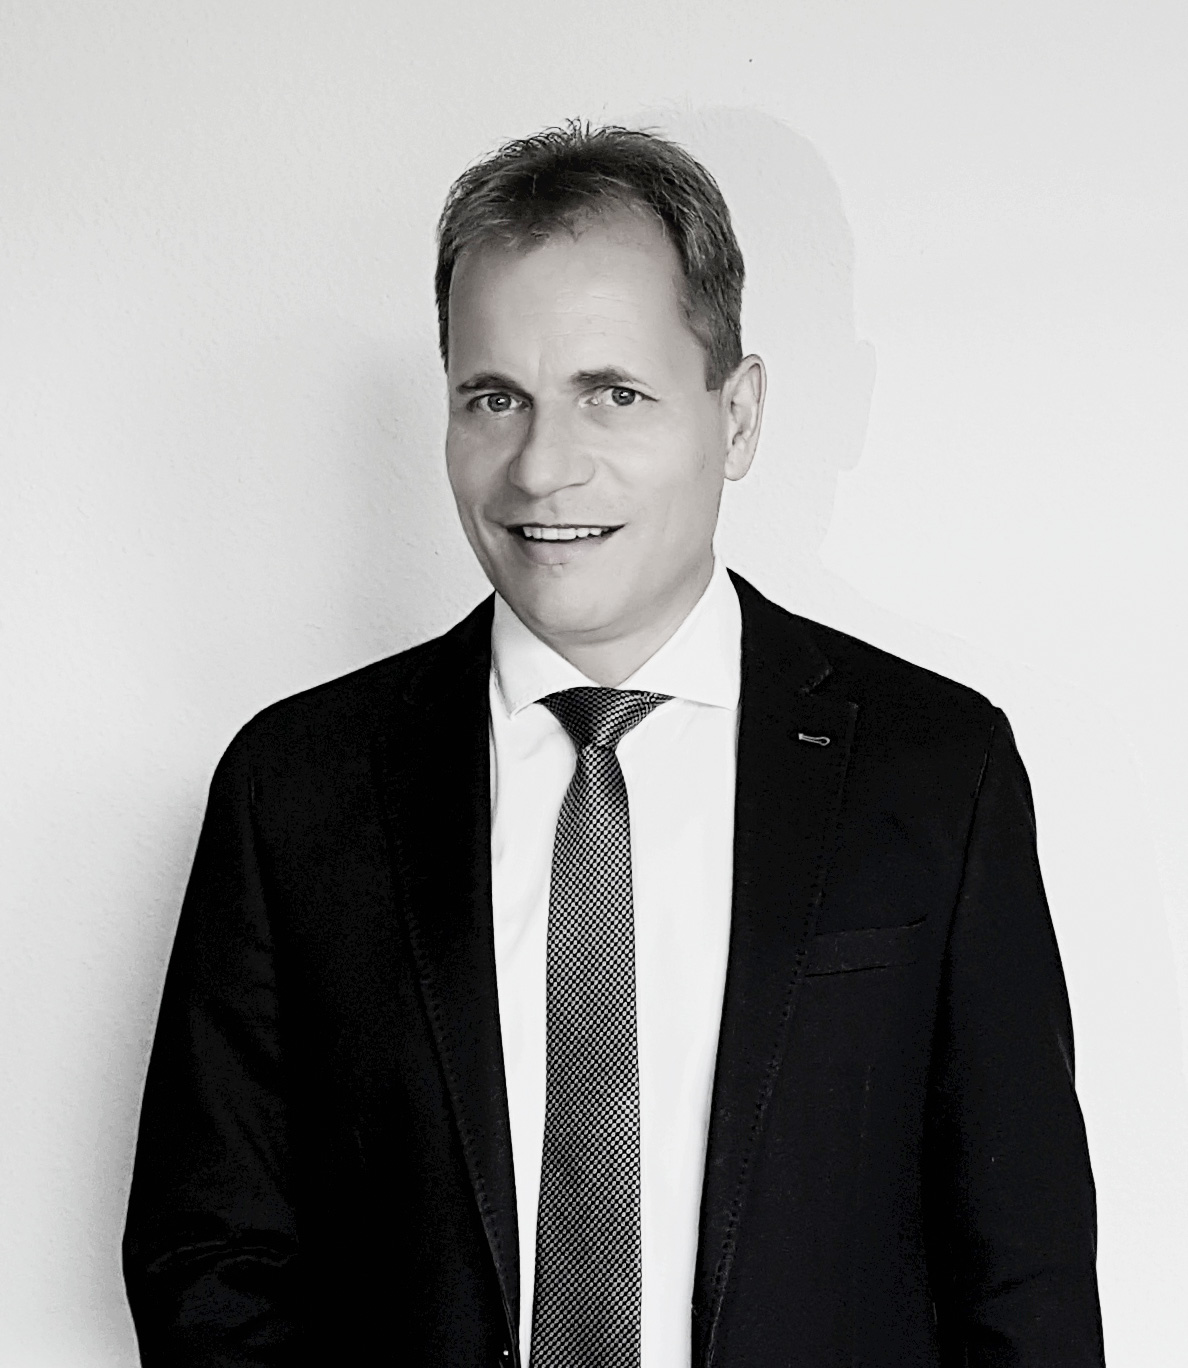 Dr.-Ing. Marco Kelle